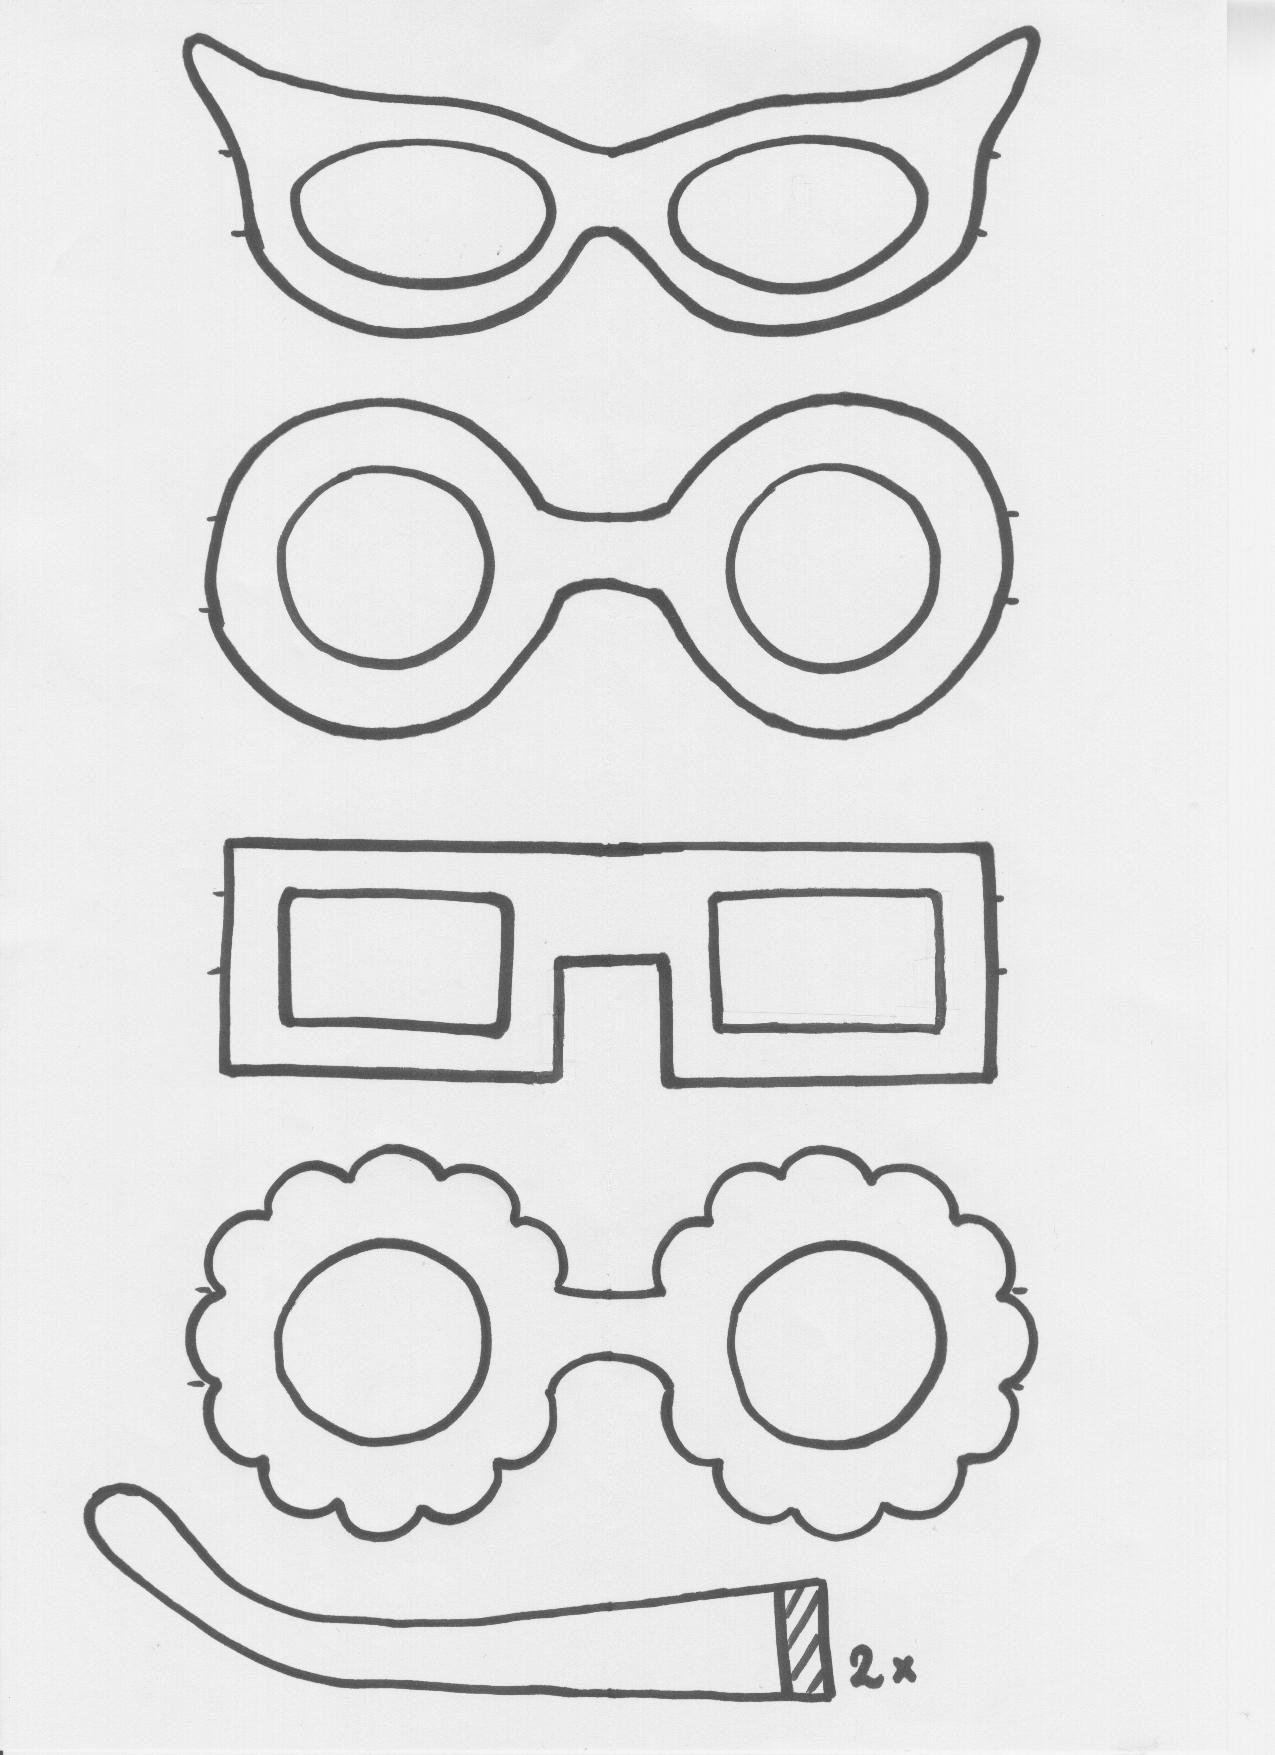 Pin Van Elke Magdeleyns Op Brillen Bijbelknutselwerk Brillen Knutselideeen